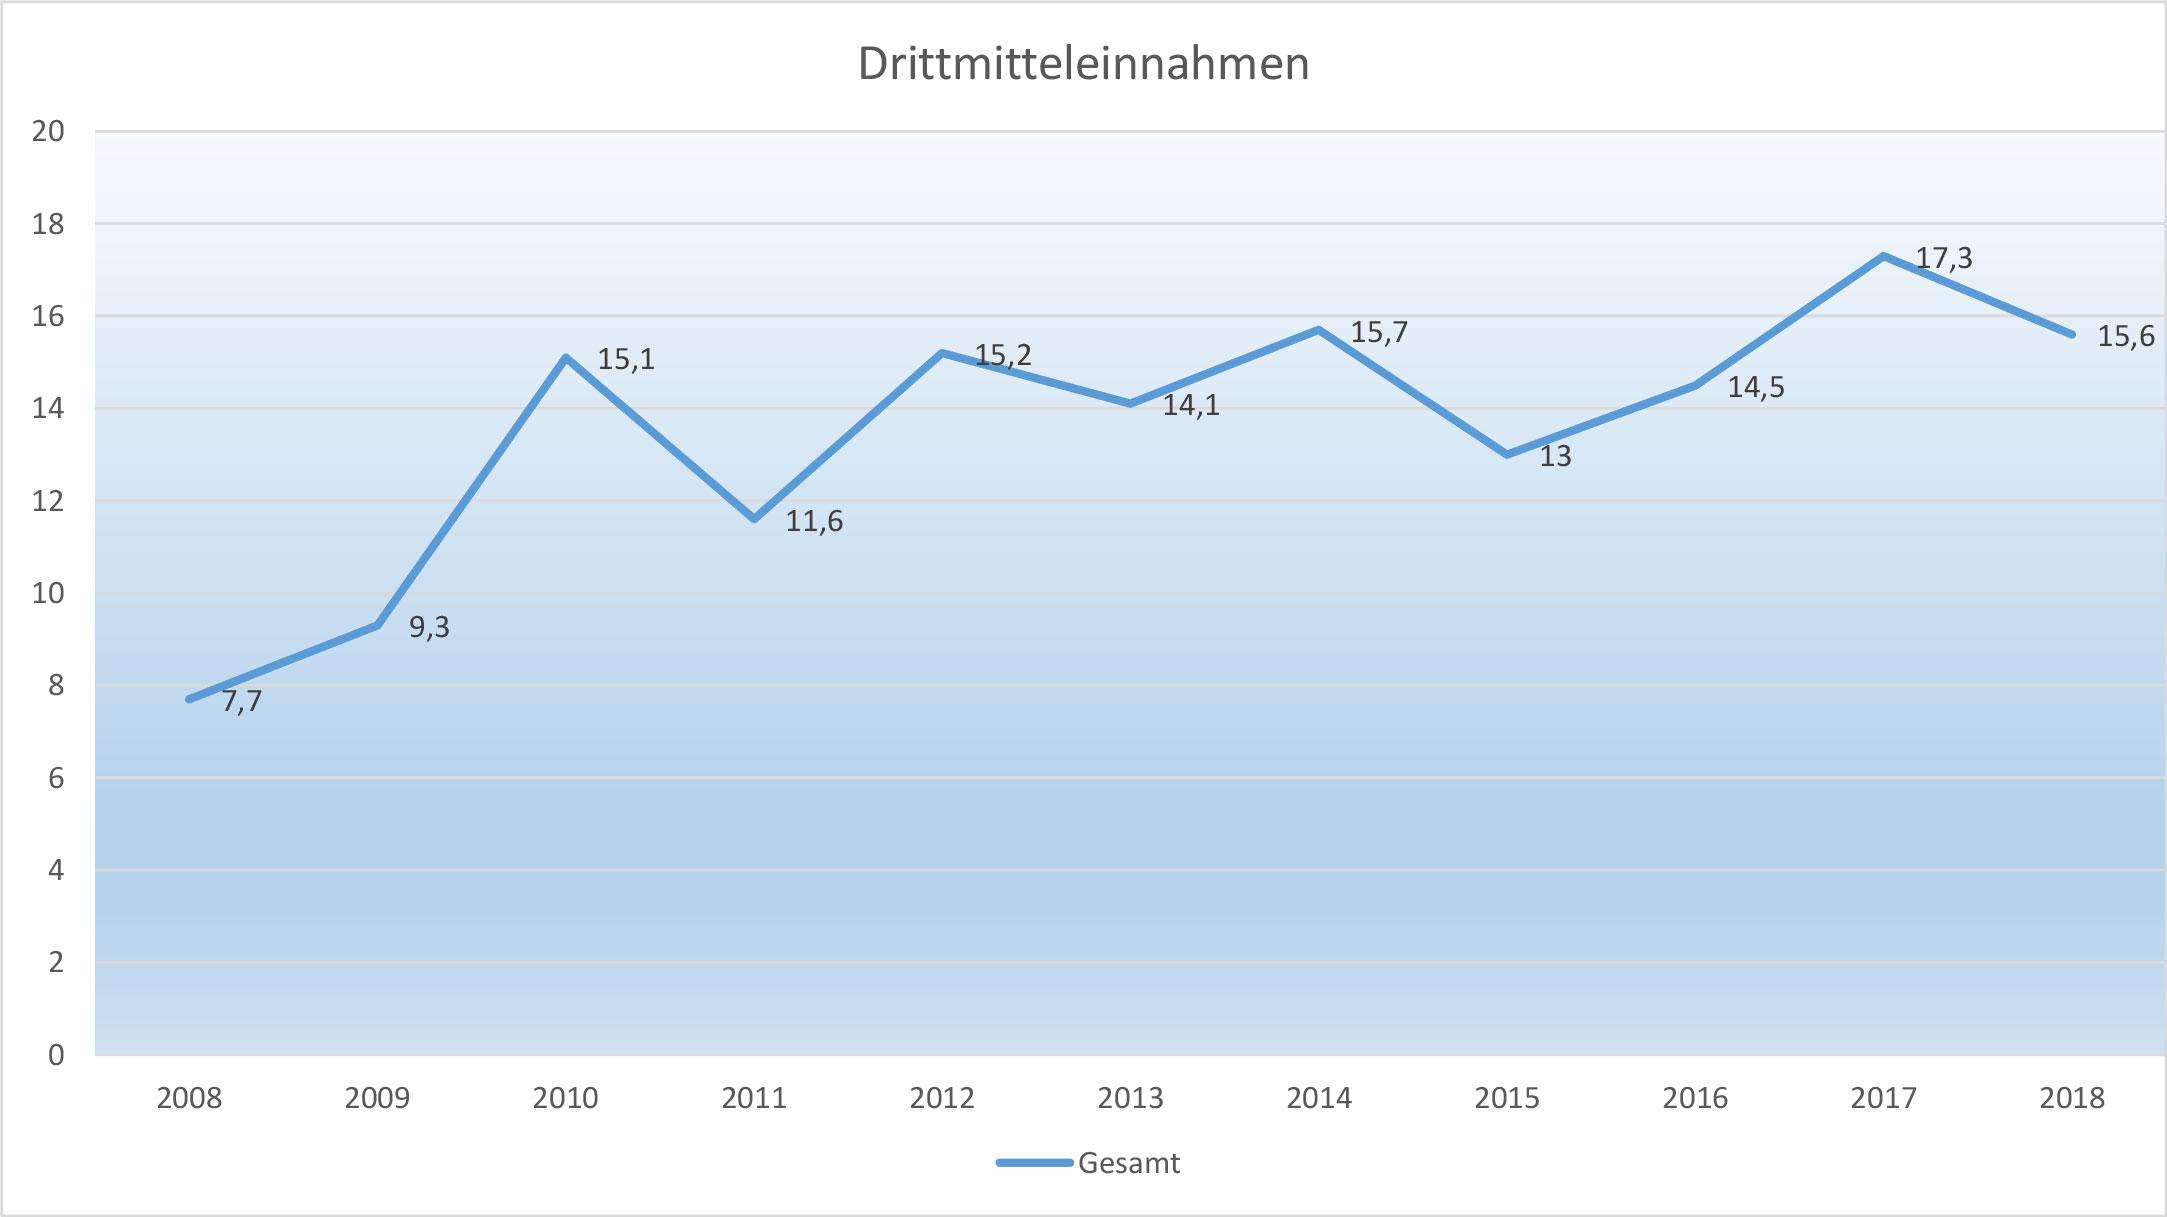 Drittmittel der Universität Koblenz-Landau von 2008 bis 2018